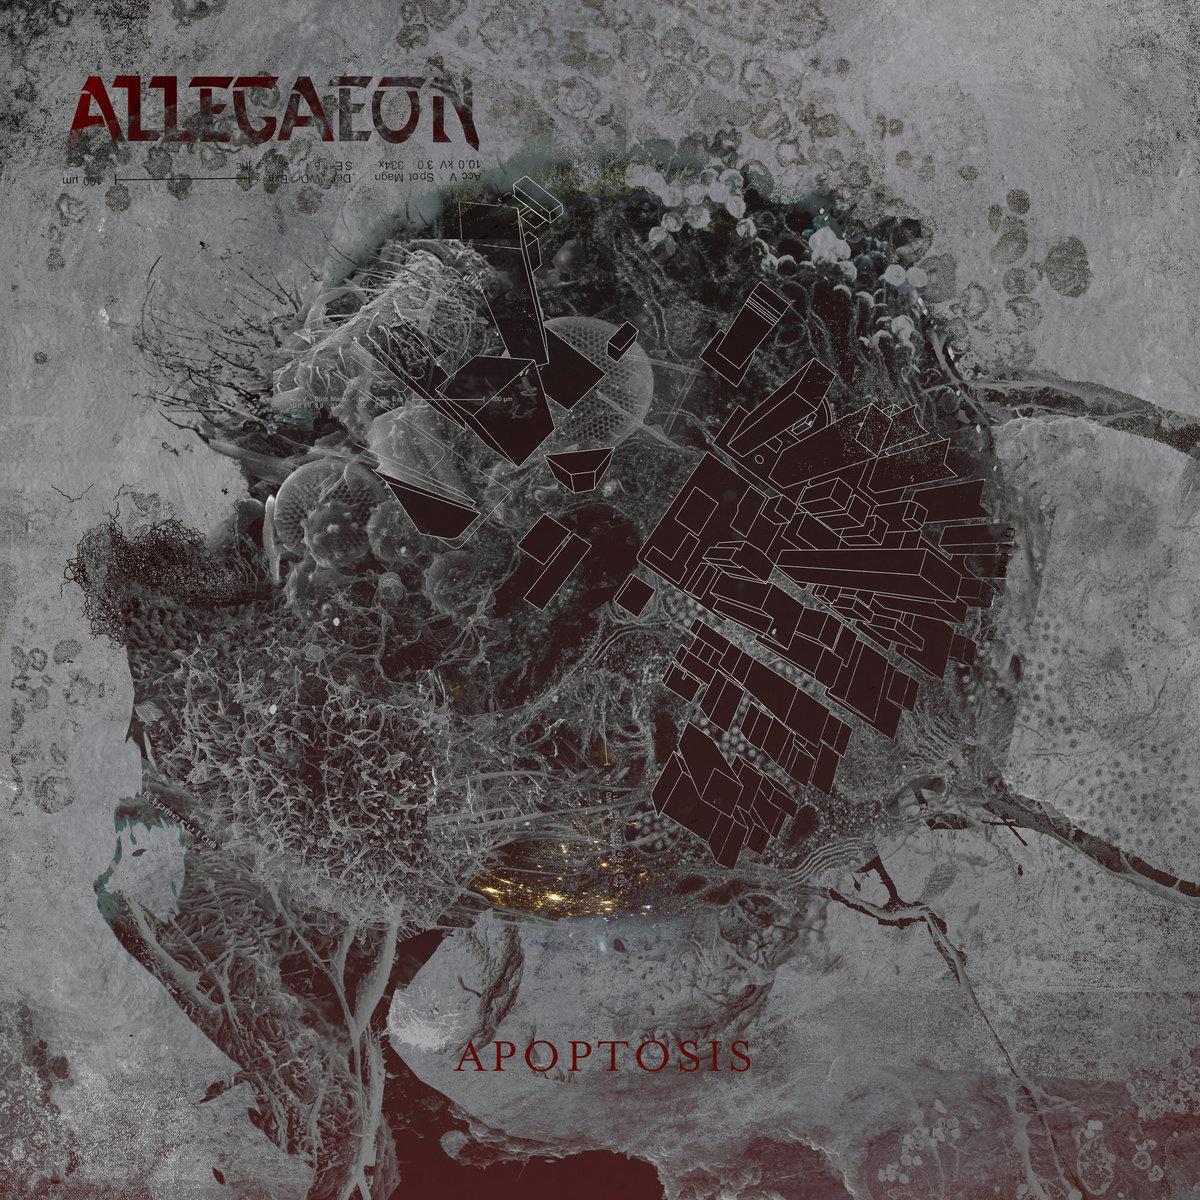 Allegaeon Get Scientific with New Album Announcement and Single